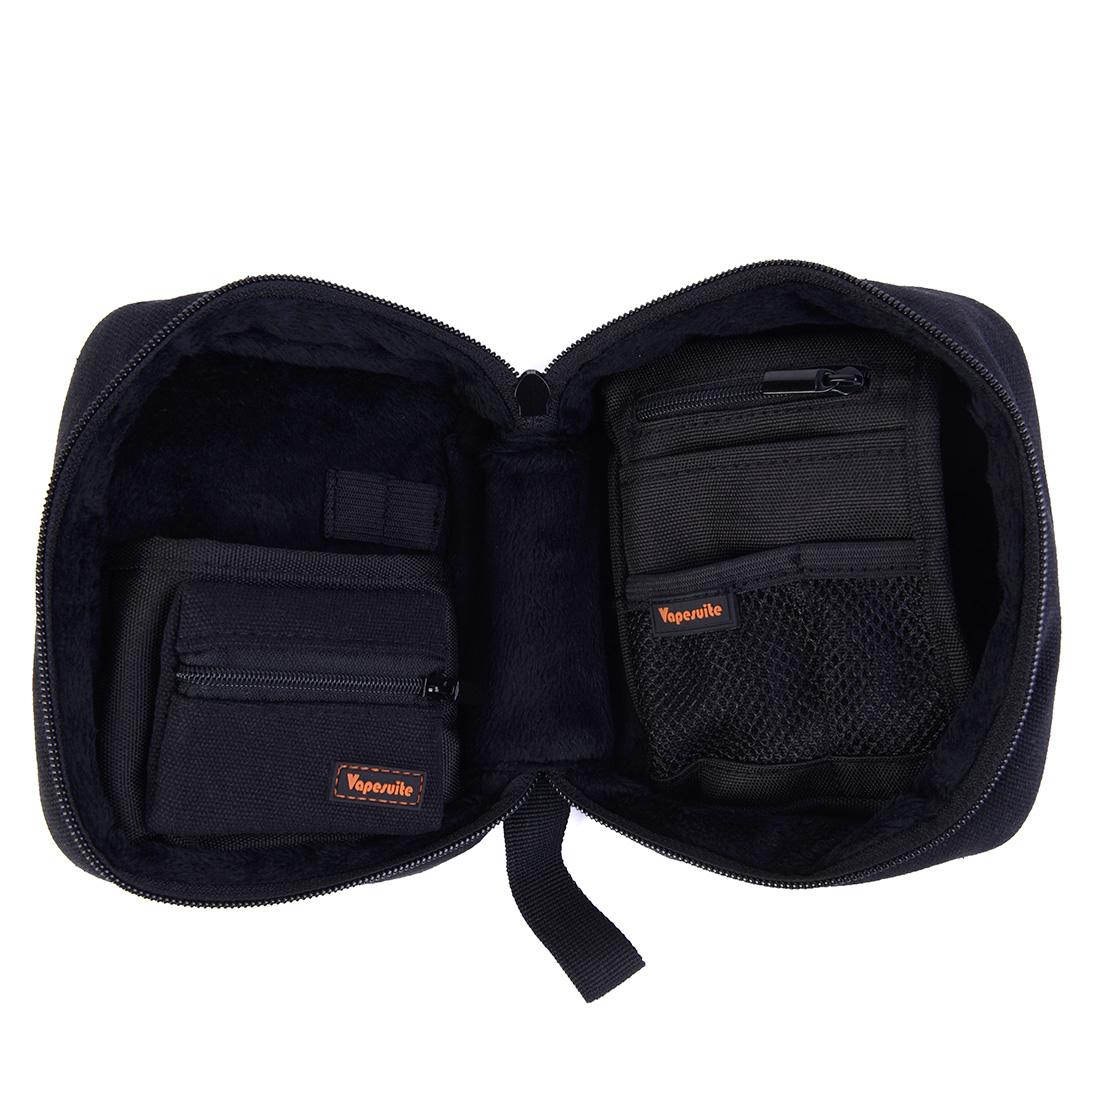 sac de transport vapesuite